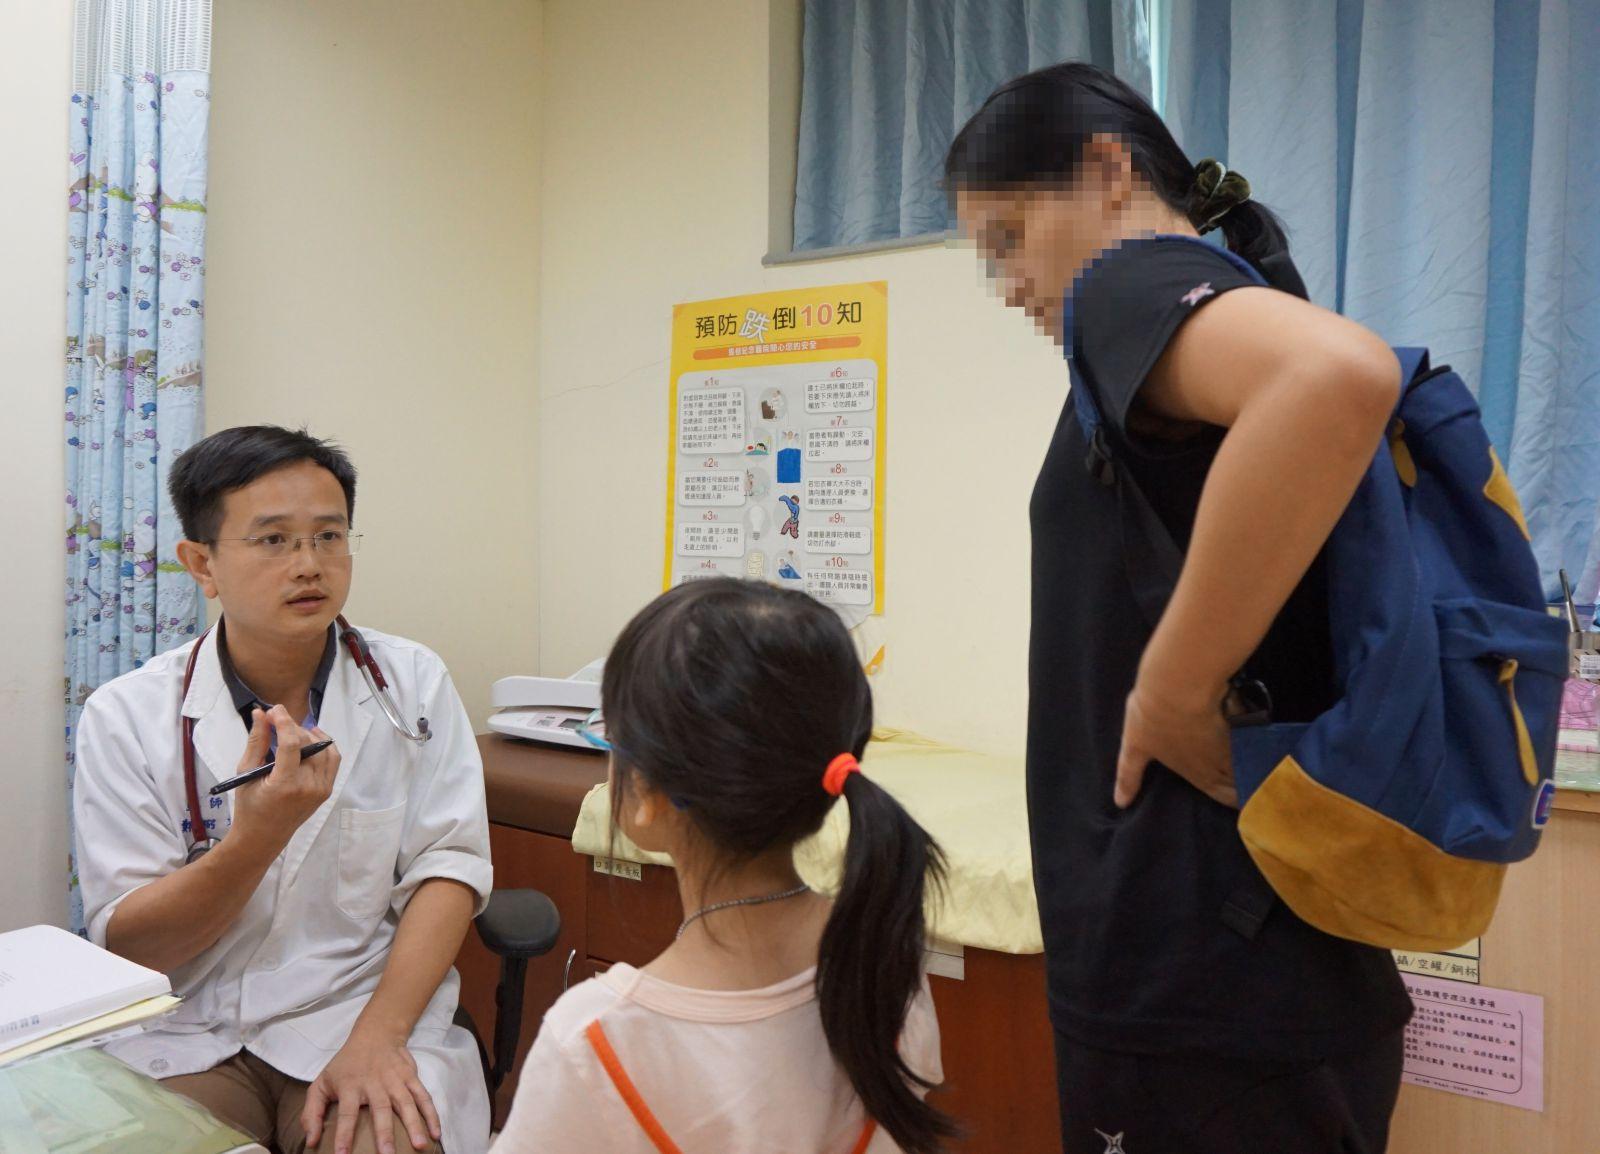 上圖:新竹馬偕醫院小兒內分泌科鄭弼文醫師